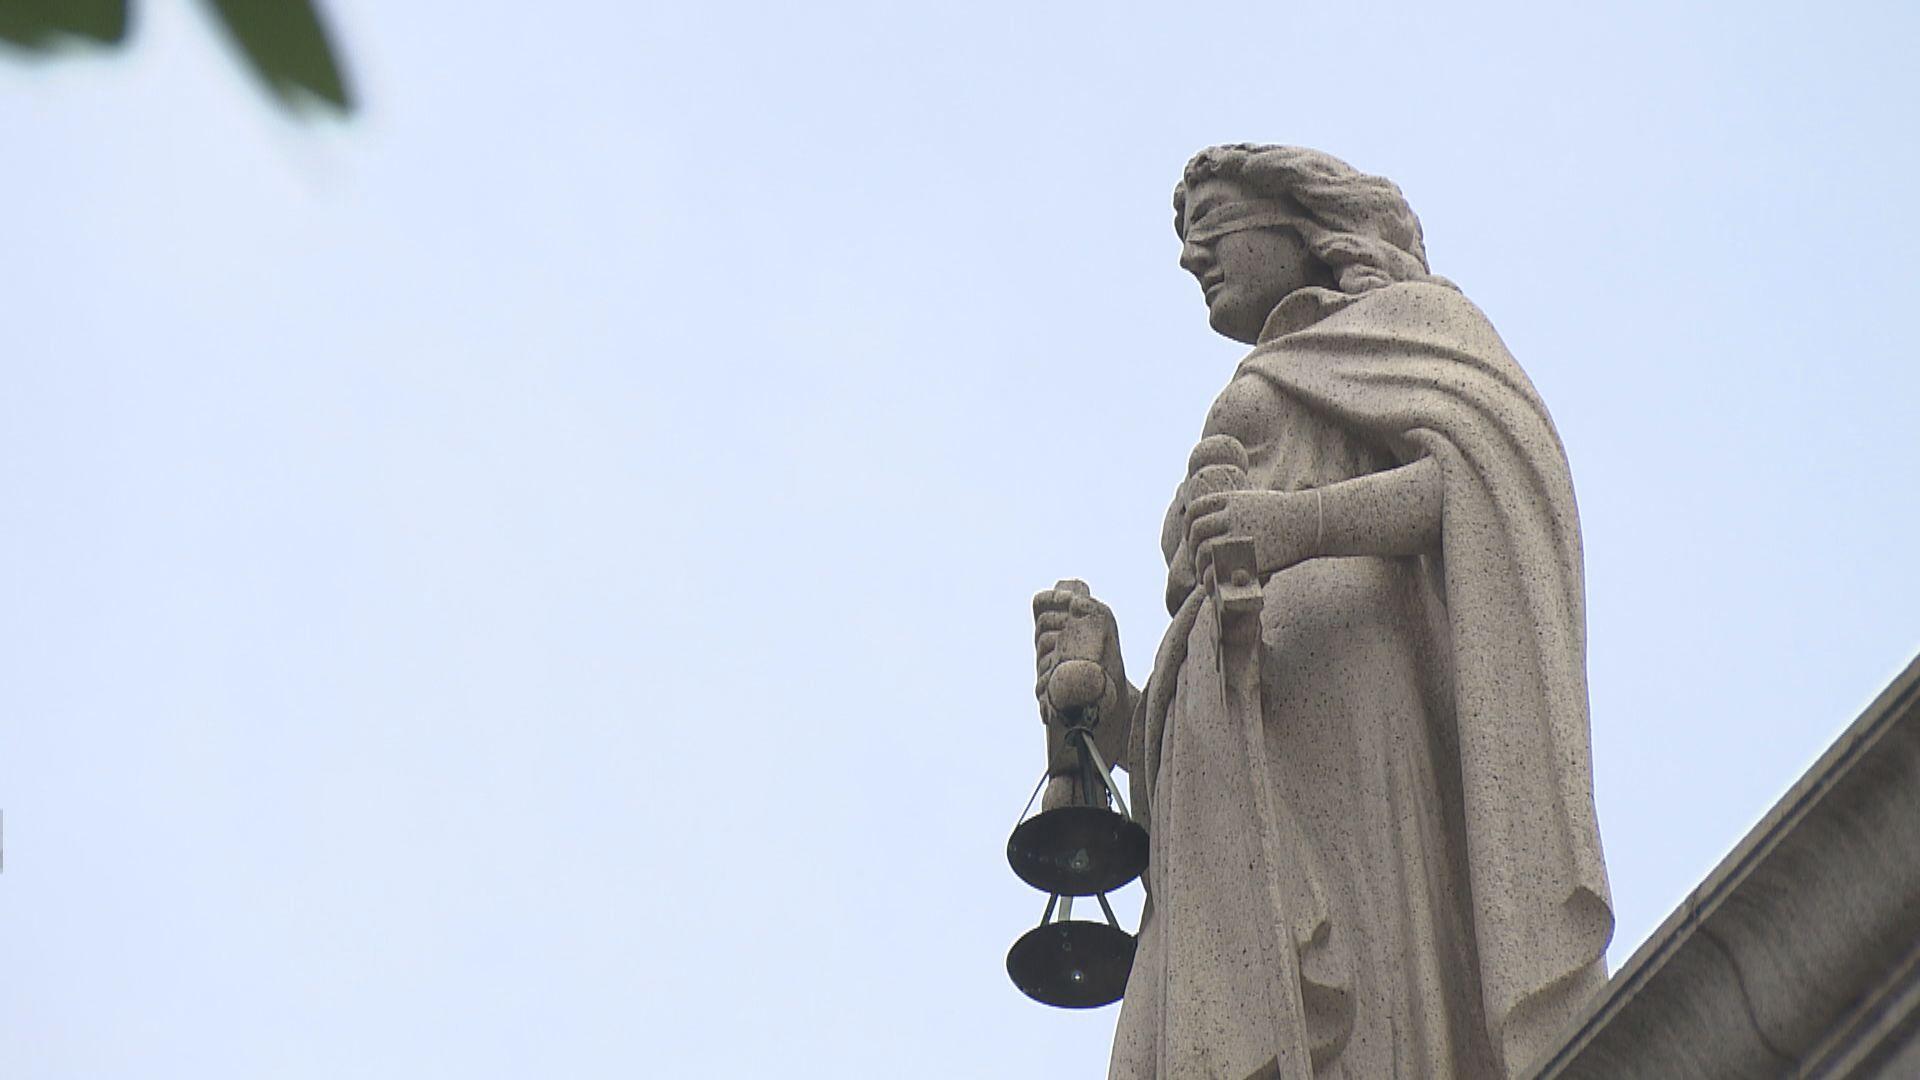 林鄭:不應以任何方式向法官或法院施壓